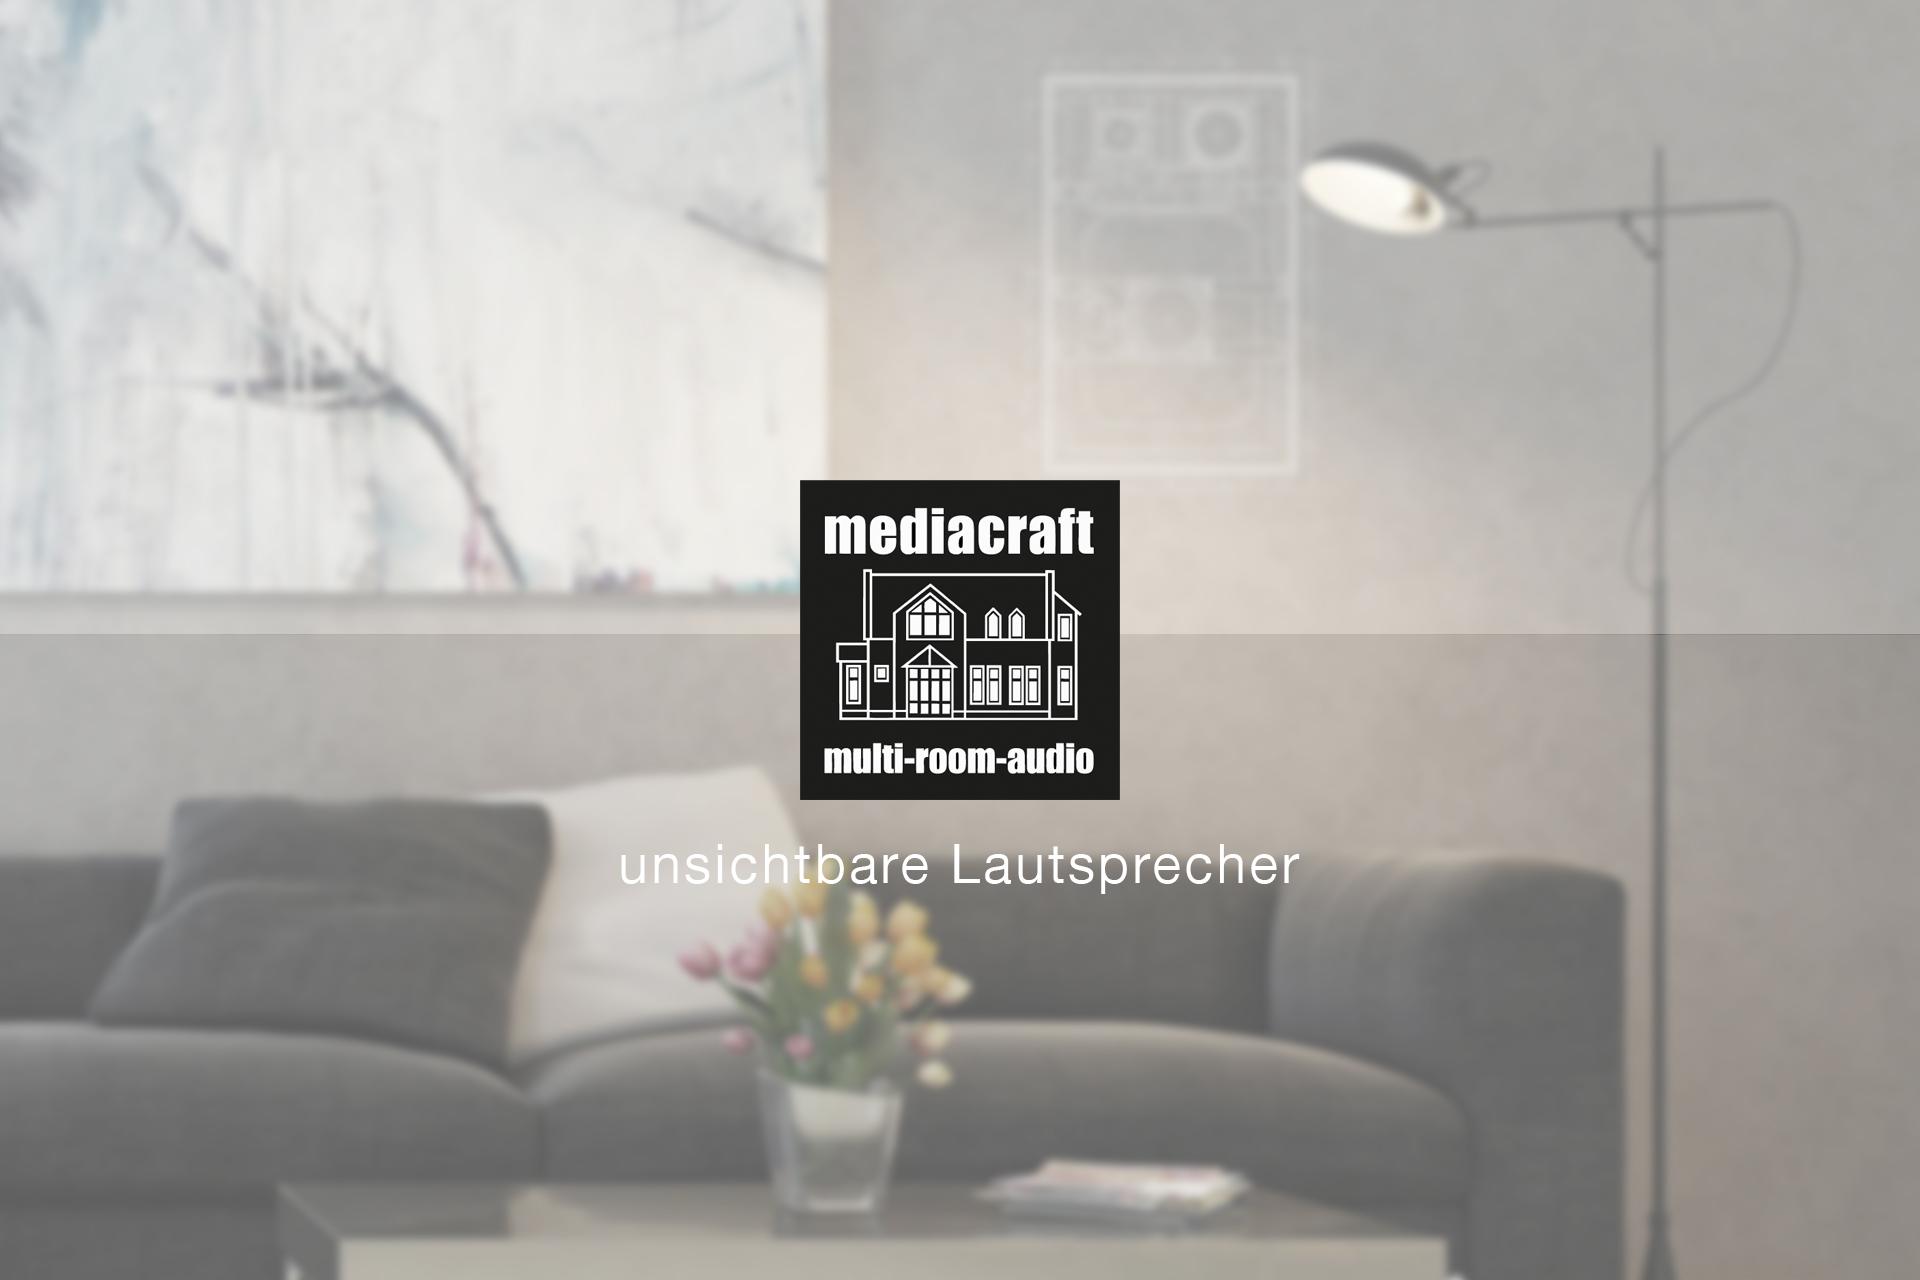 Full Size of Sofa Lautsprecher Couch Mit Bluetooth Und Led Eingebauten Lautsprechern Integriertem Poco Musikboxen Licht Big Unsichtbare Sonance Stealth Acoustics Ag Wohnzimmer Sofa Mit Musikboxen